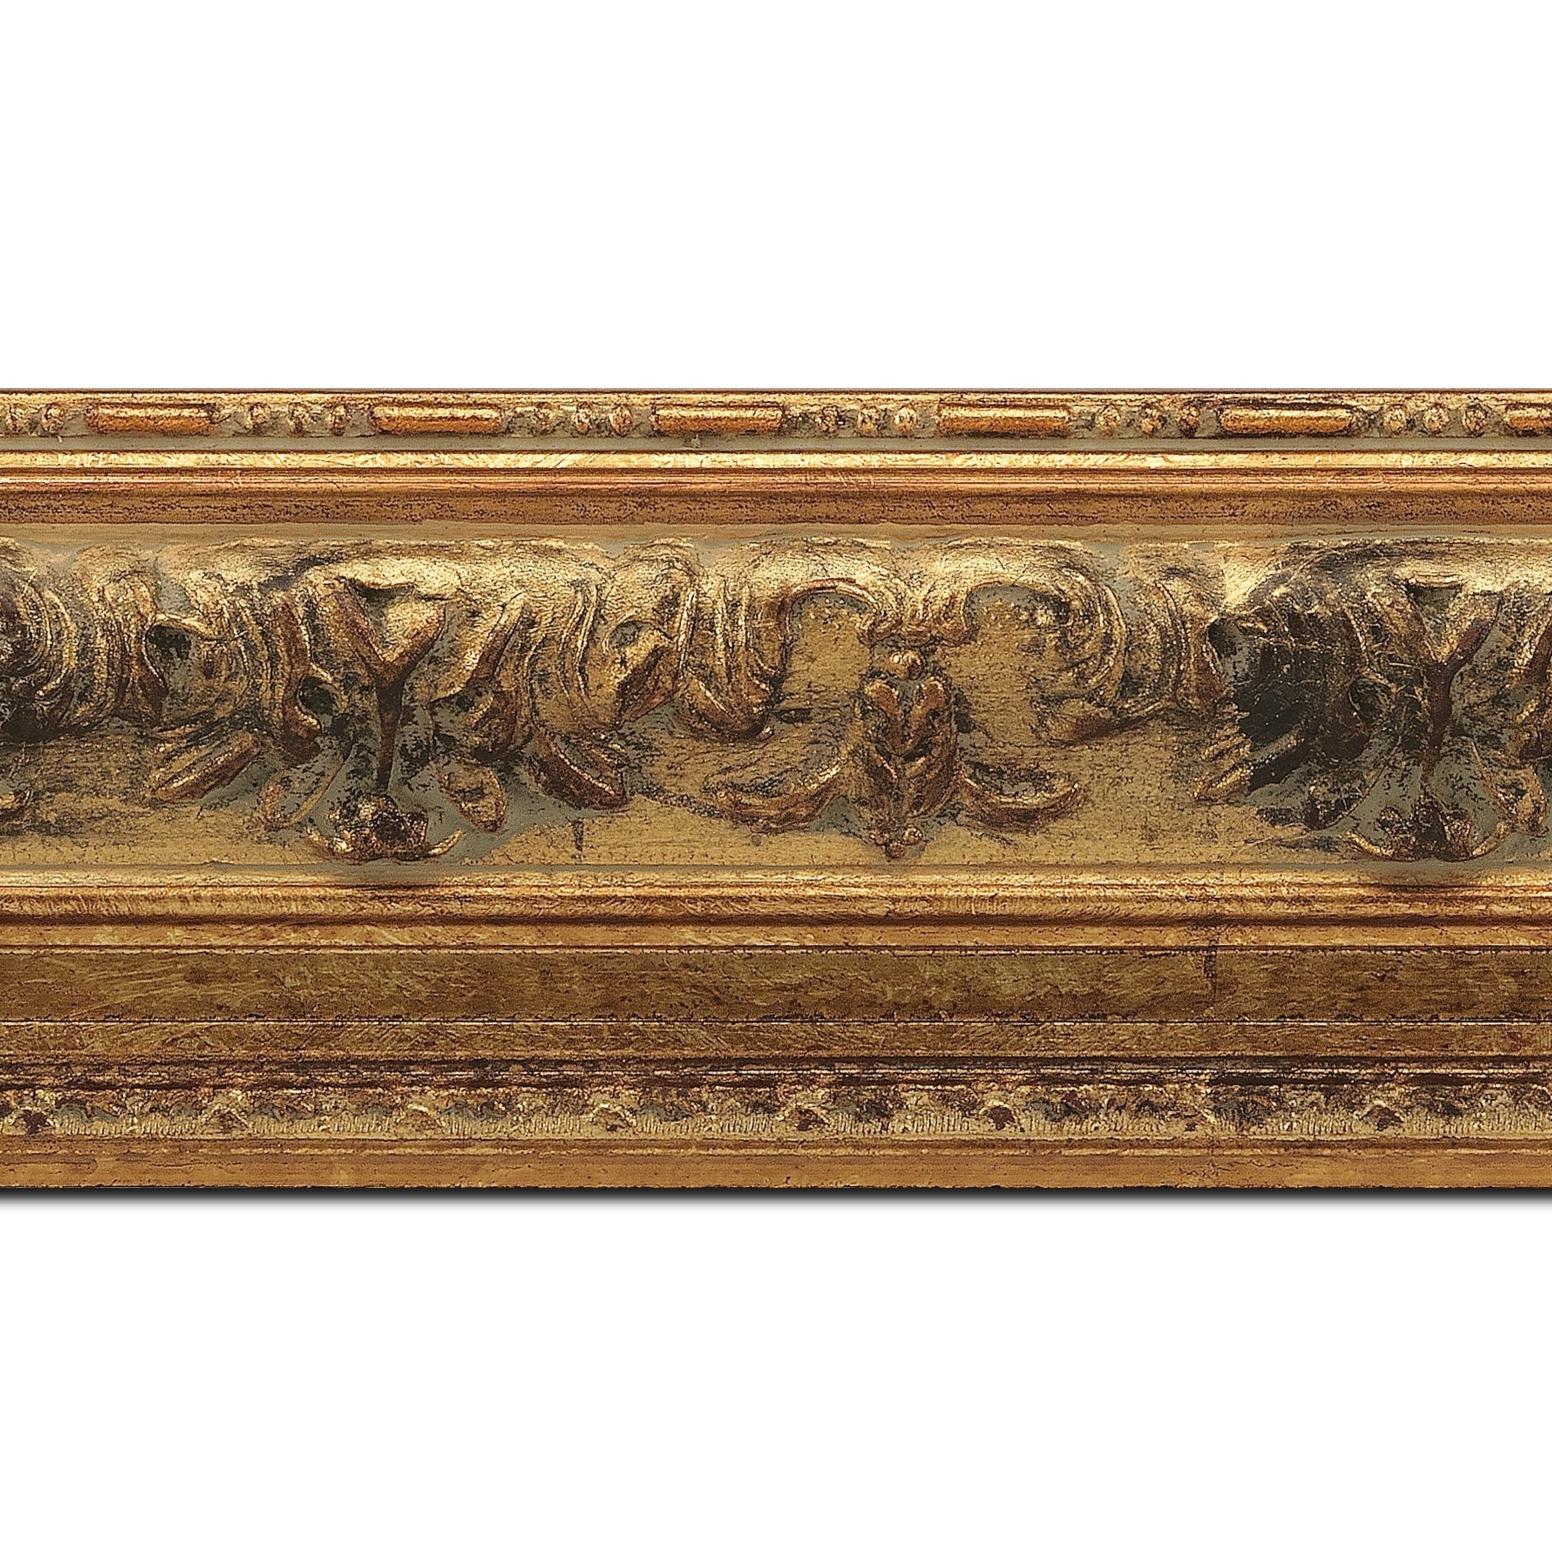 Baguette longueur 1.40m bois profil incurvé largeur 9cm or antique à la feuille